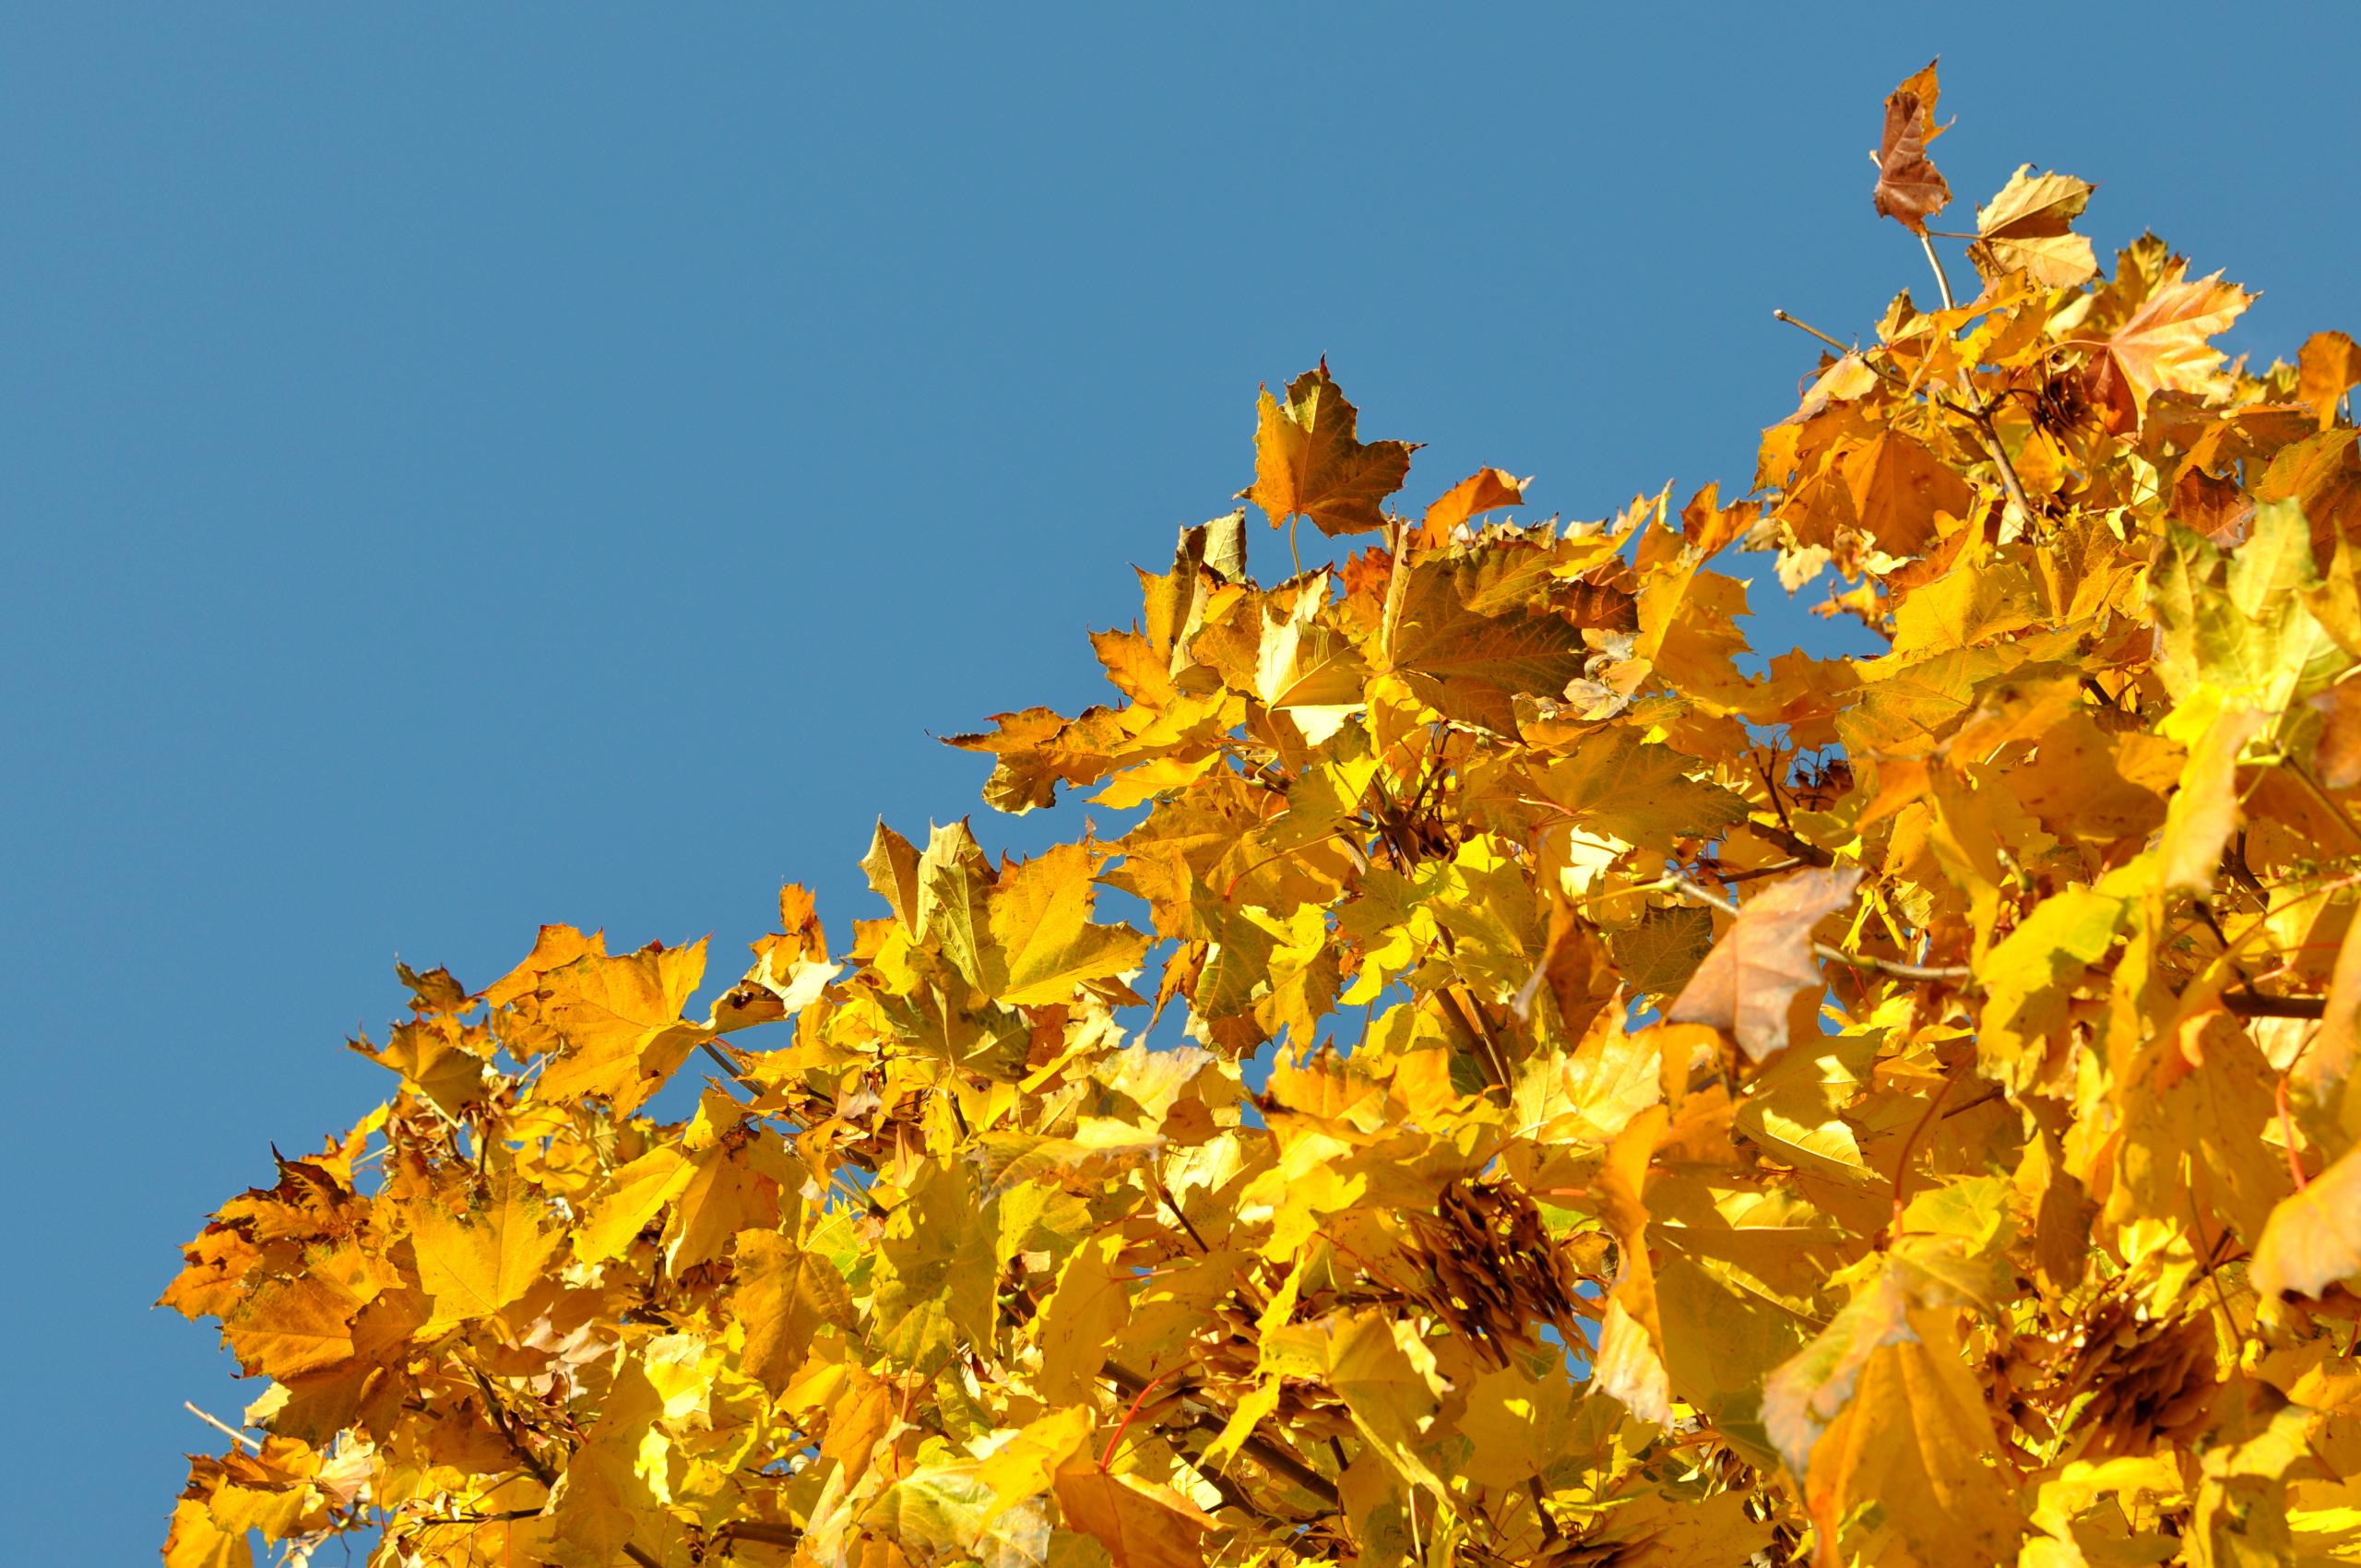 Żółte liście jesienne na tle błękitnego nieba. bebuszka.pl